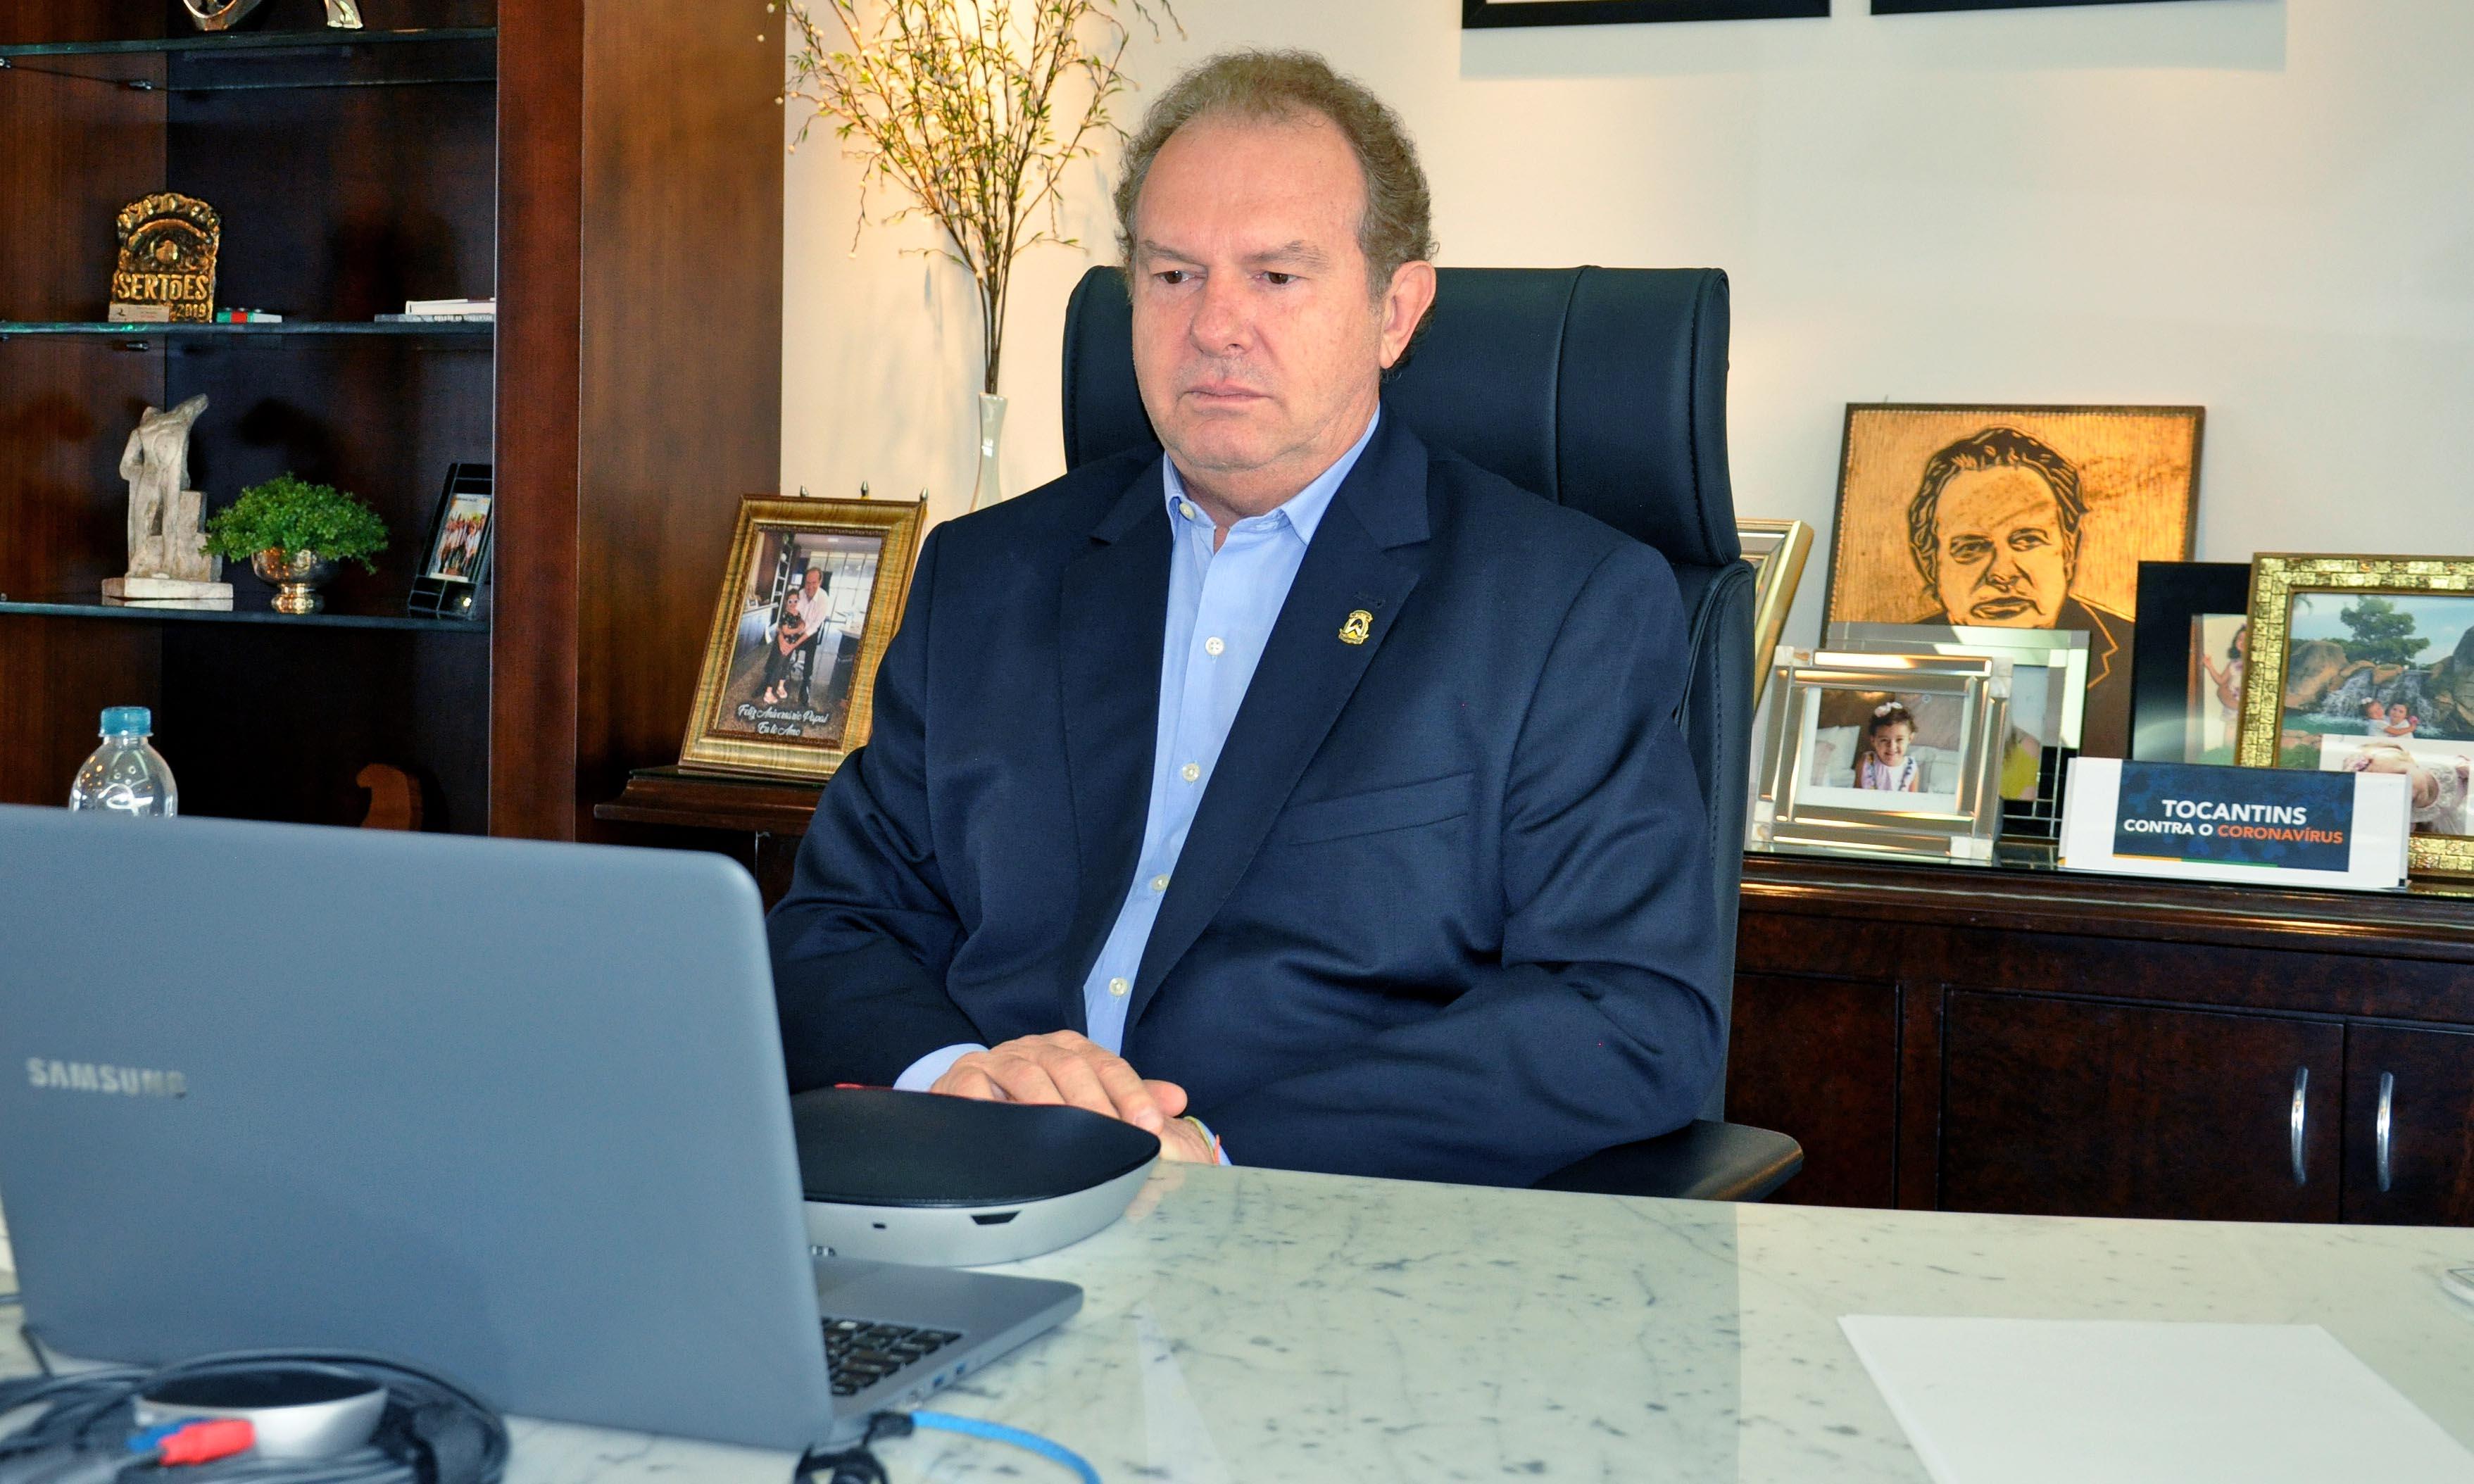 Governador Carlesse discute com demais Poderes e órgãos cumprimento constitucional para nova alíquota da previdência dos servidores